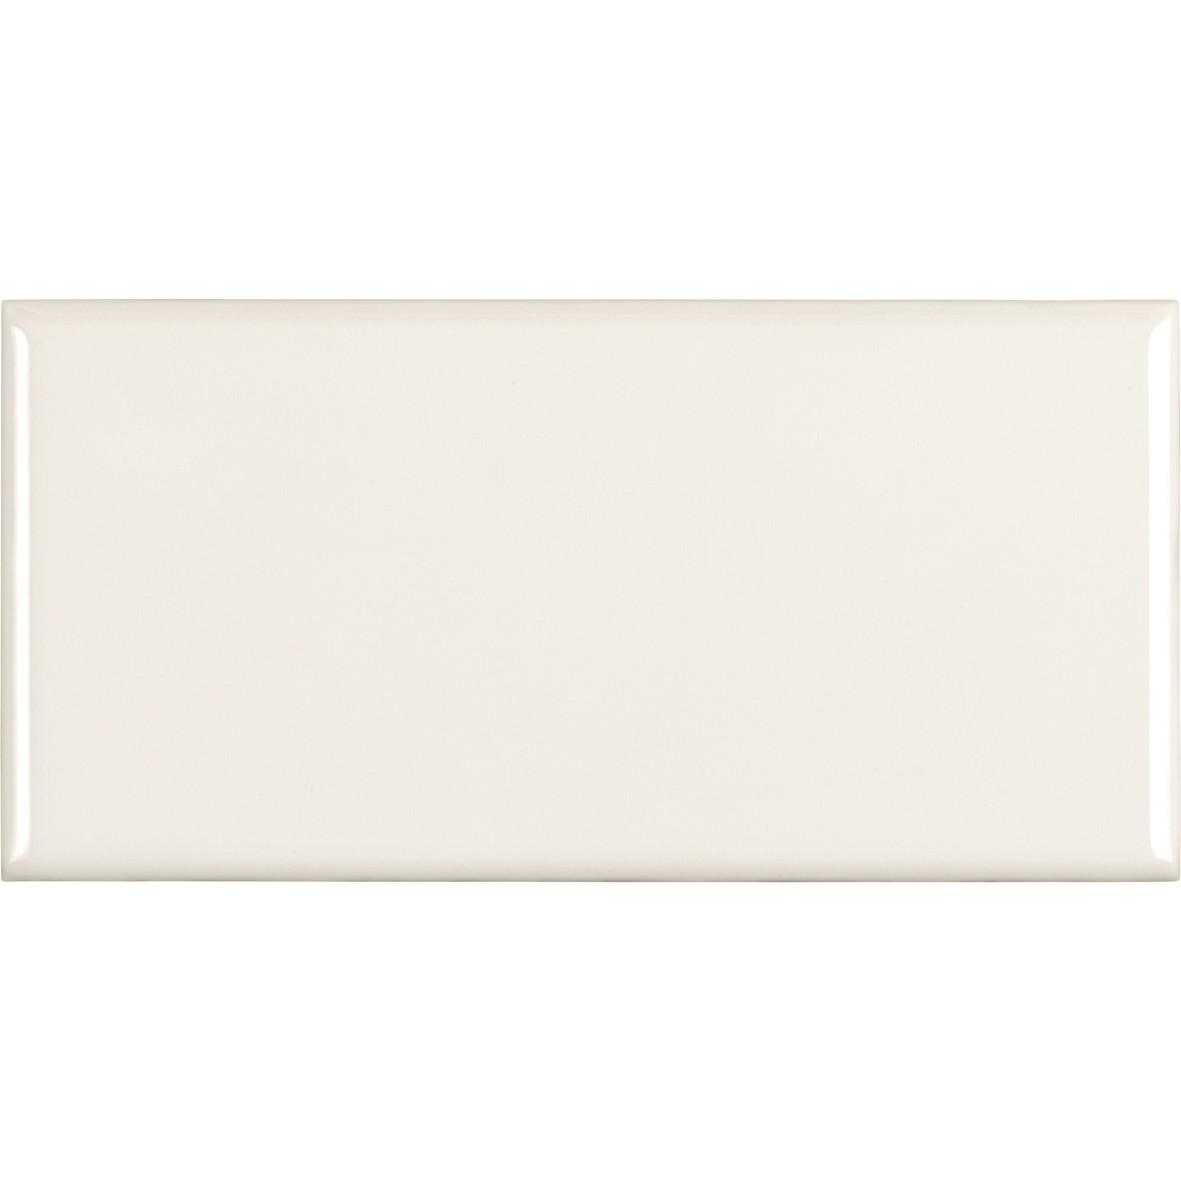 Revestimento Paris Blanche Brilhante Tipo A 10x20 cm 037 m Branco - Portobello